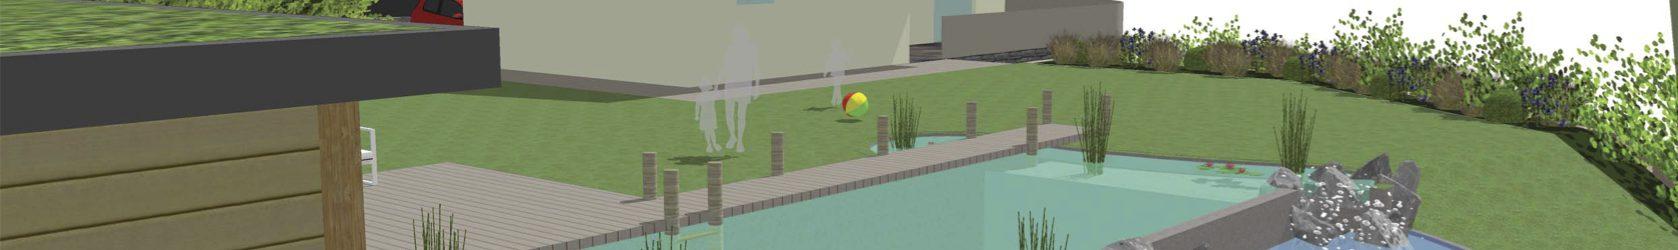 projet de piscine naturelle en savoie aquatech sas. Black Bedroom Furniture Sets. Home Design Ideas